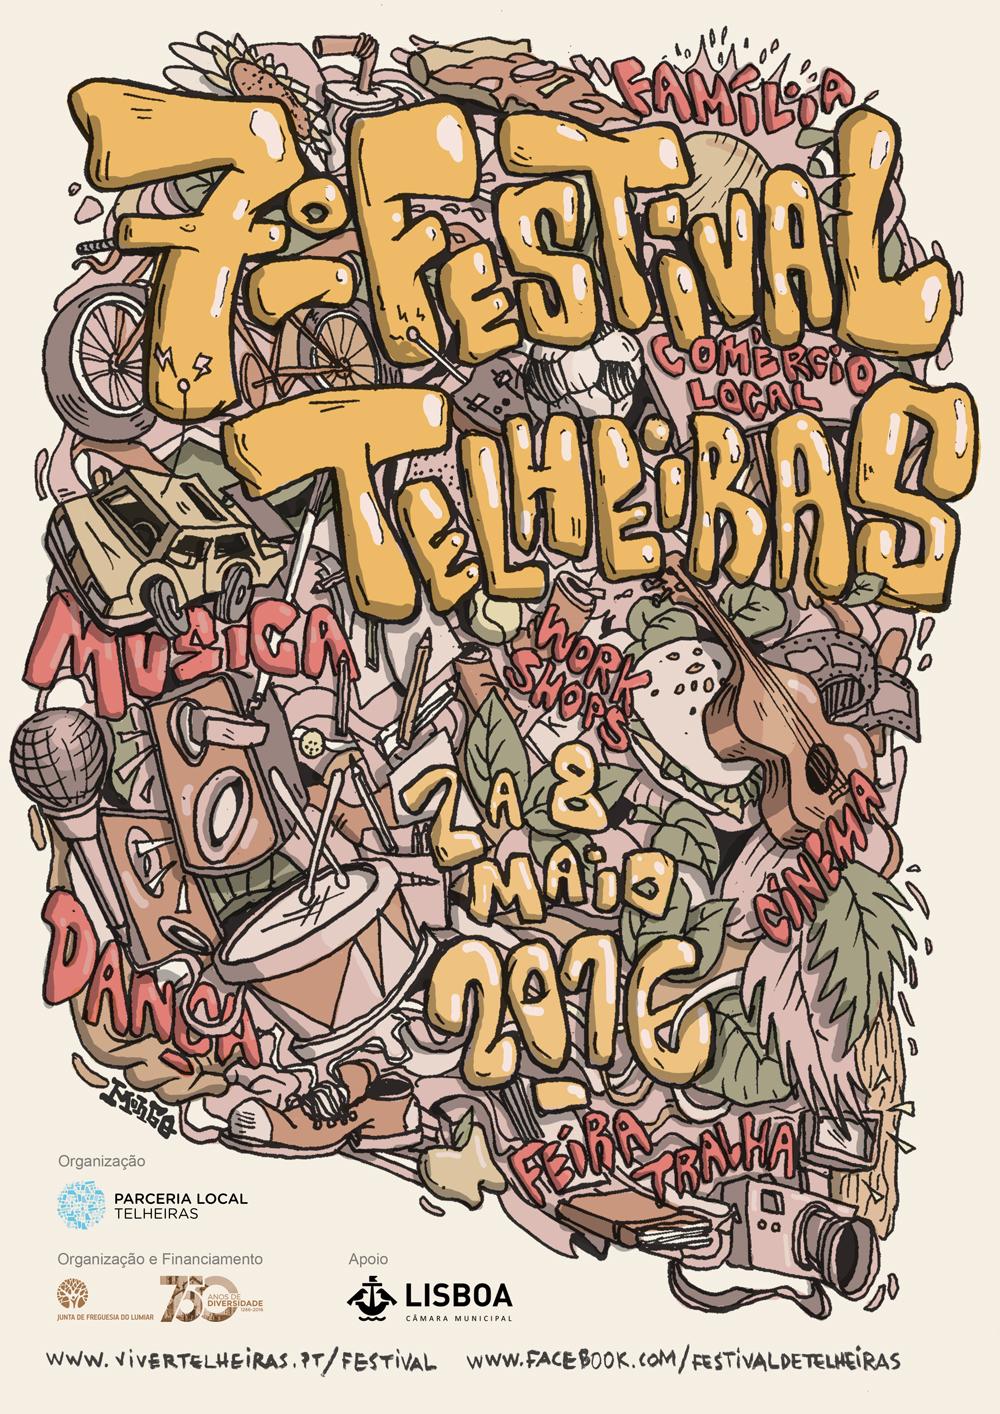 festivaldetelheiras_02